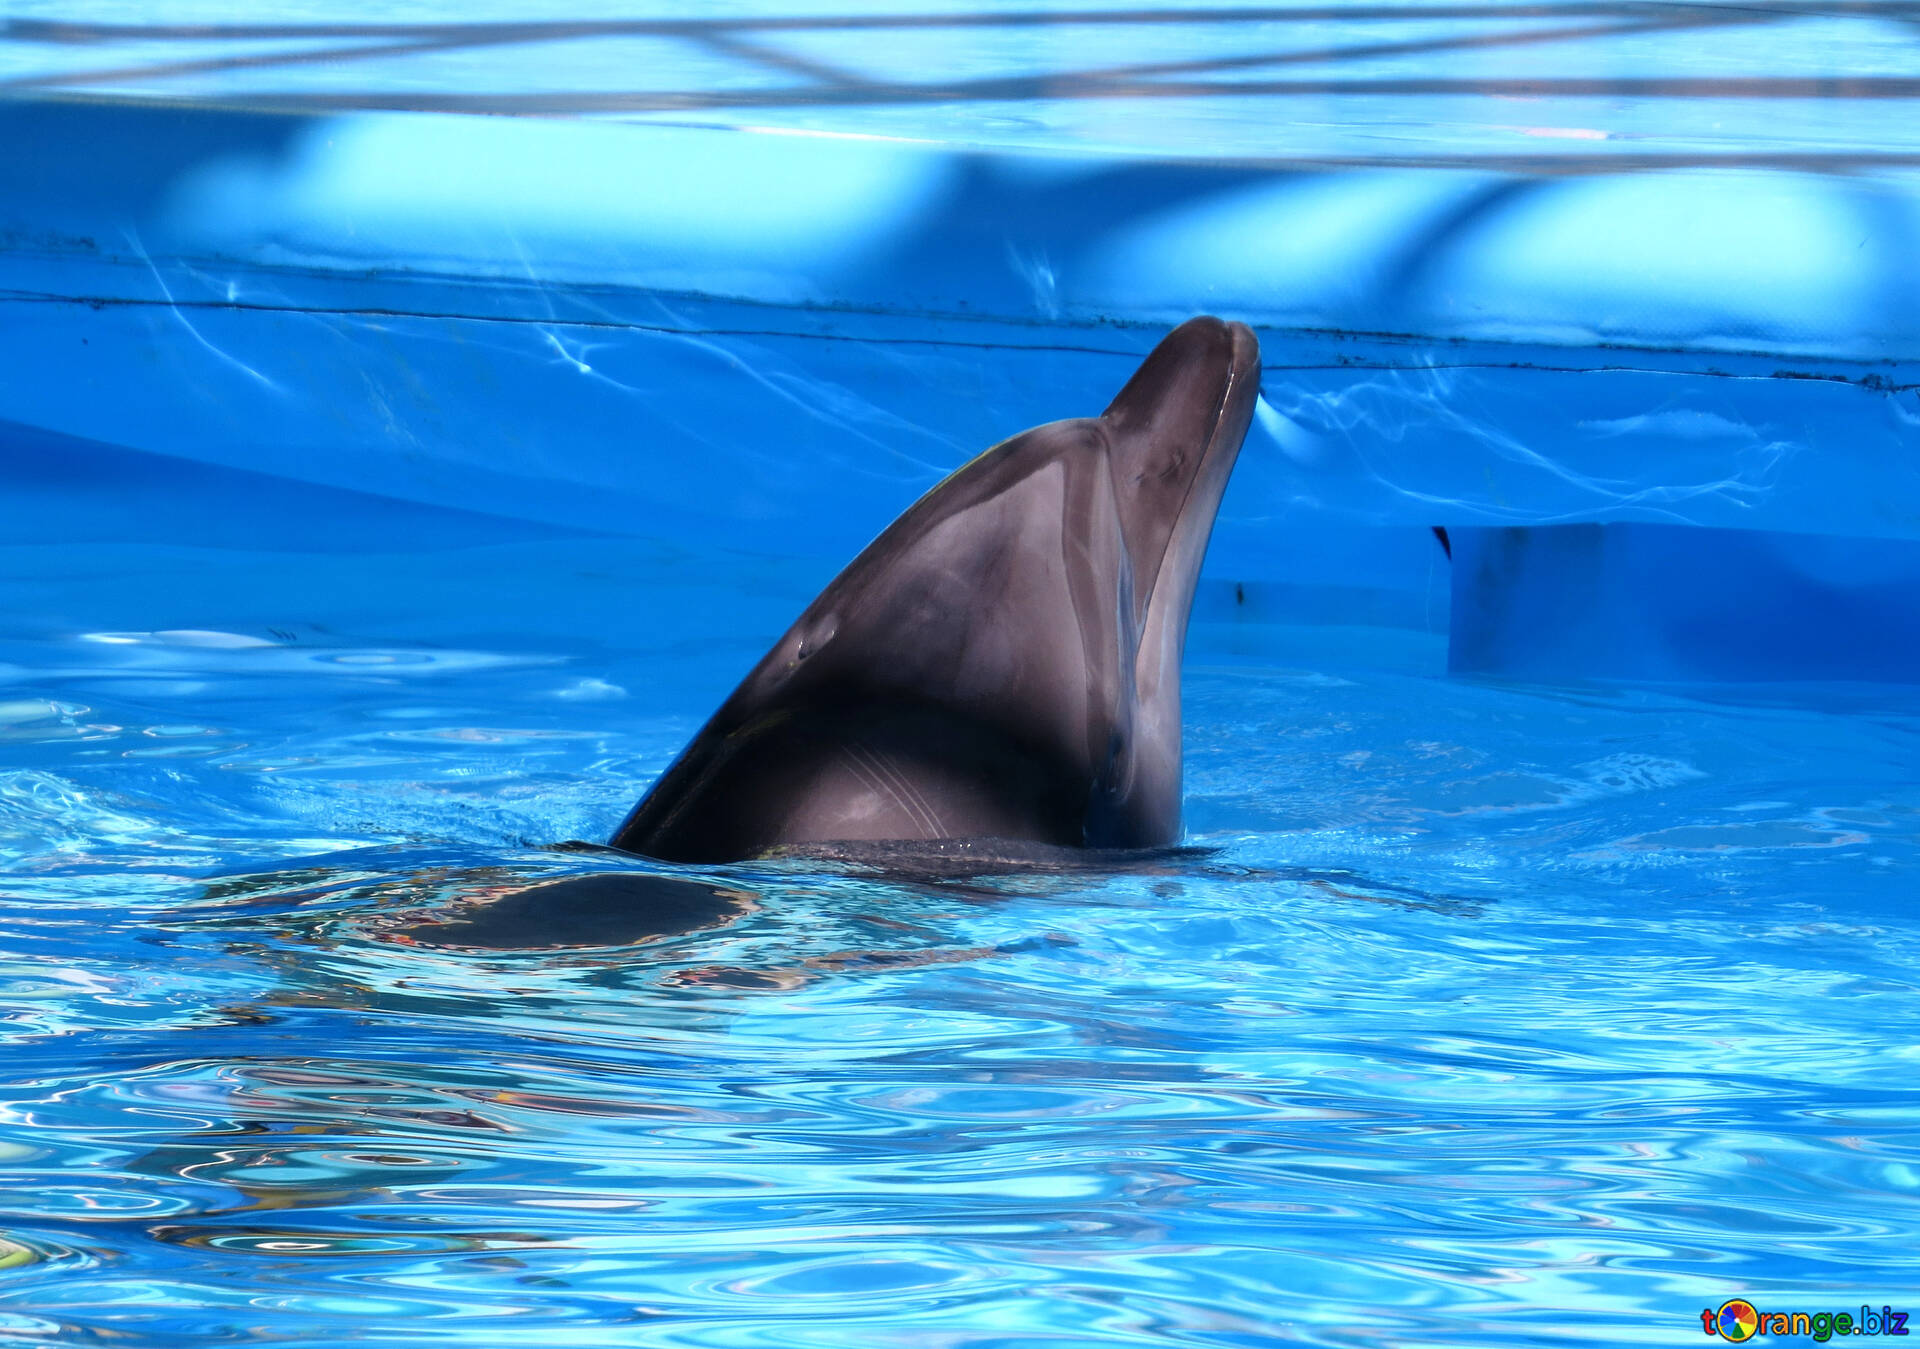 крупная картинка дельфина вас